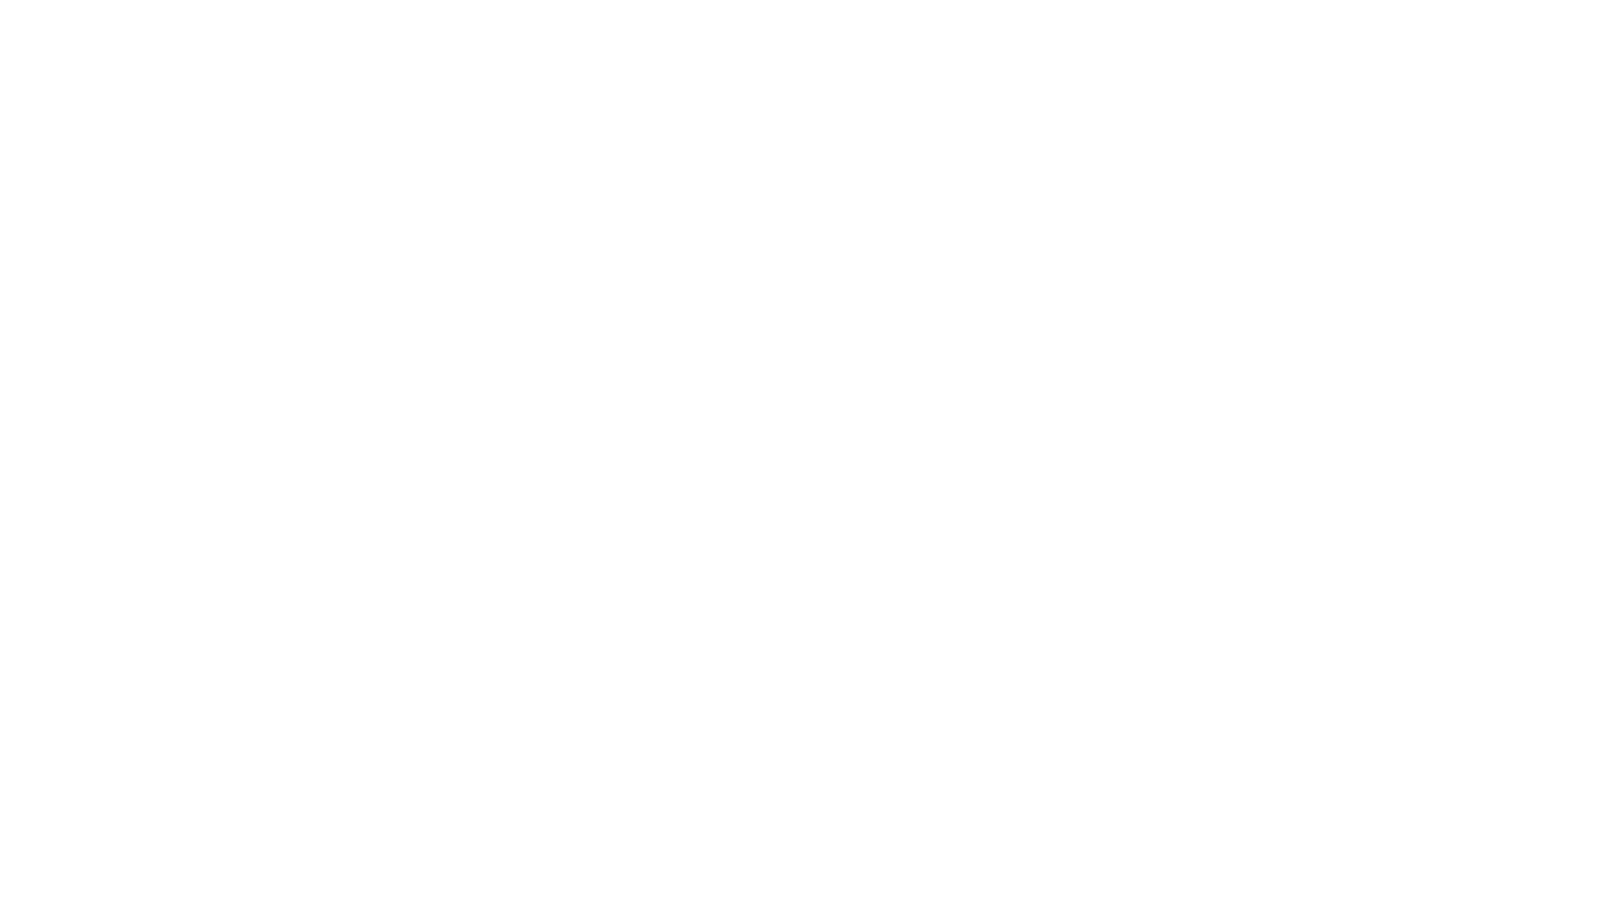 """Seit Jahren ein fixer Bestandteil in der Ausbildung sind unsere zwei Streichensembles, welche hintereinander proben und zum Teil auch zusammengelegt werden um den Schüler:innen das """"Feeling"""" eines Orchesters bereits in jungen Jahren näher zu bringen. Das Orchester wird von unserer Lehrerin Stephanie Breuss geleitet.   Du spielst Violine, Viola, Cello, Kontrabass und möchtest in einem Ensemble teilnehmen? Dann frag bitte deine Lehrperson.  """"Sound of Strings"""" probt jedenfalls jeweils am Donnerstag - Nachmittag in der Volksschule in Schlins."""